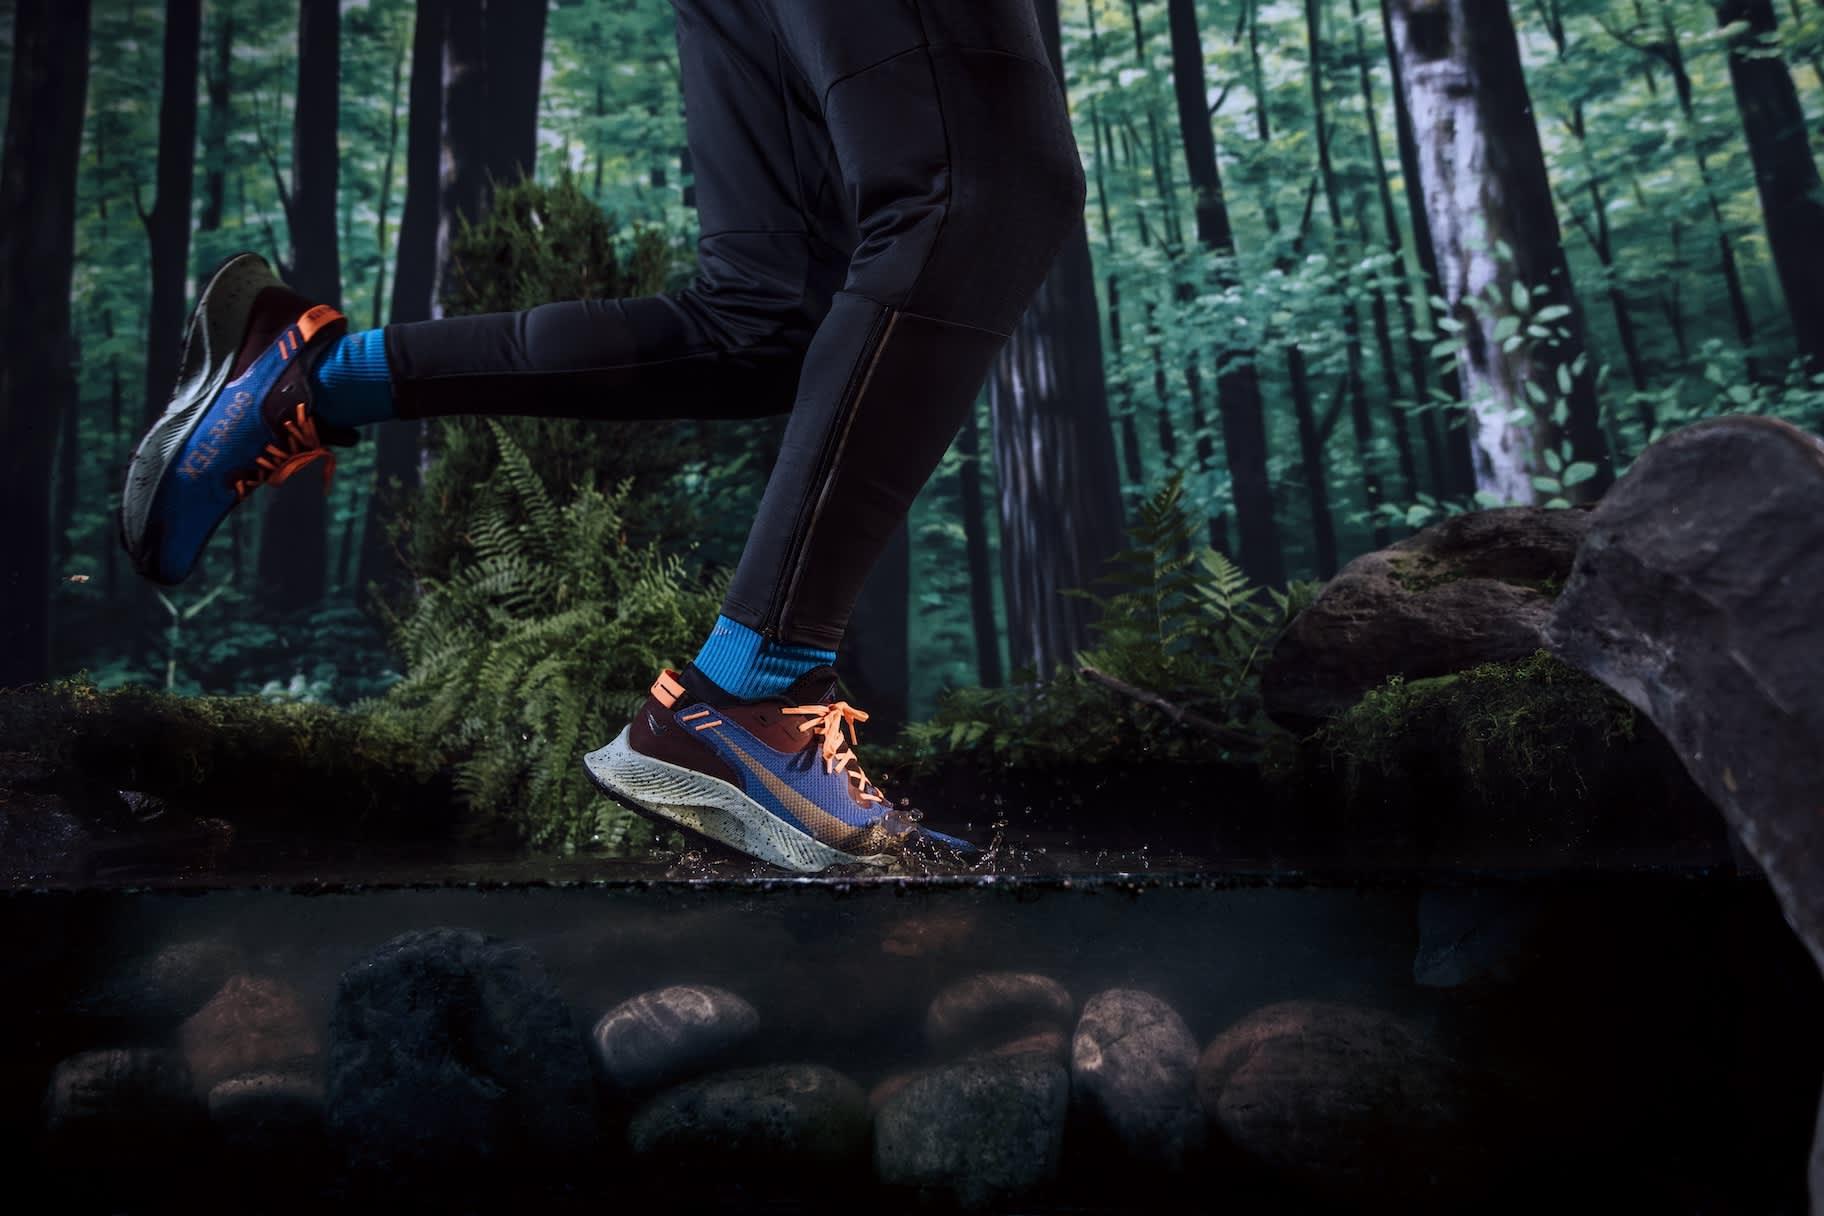 Todo lo que necesitas para practicar trail running